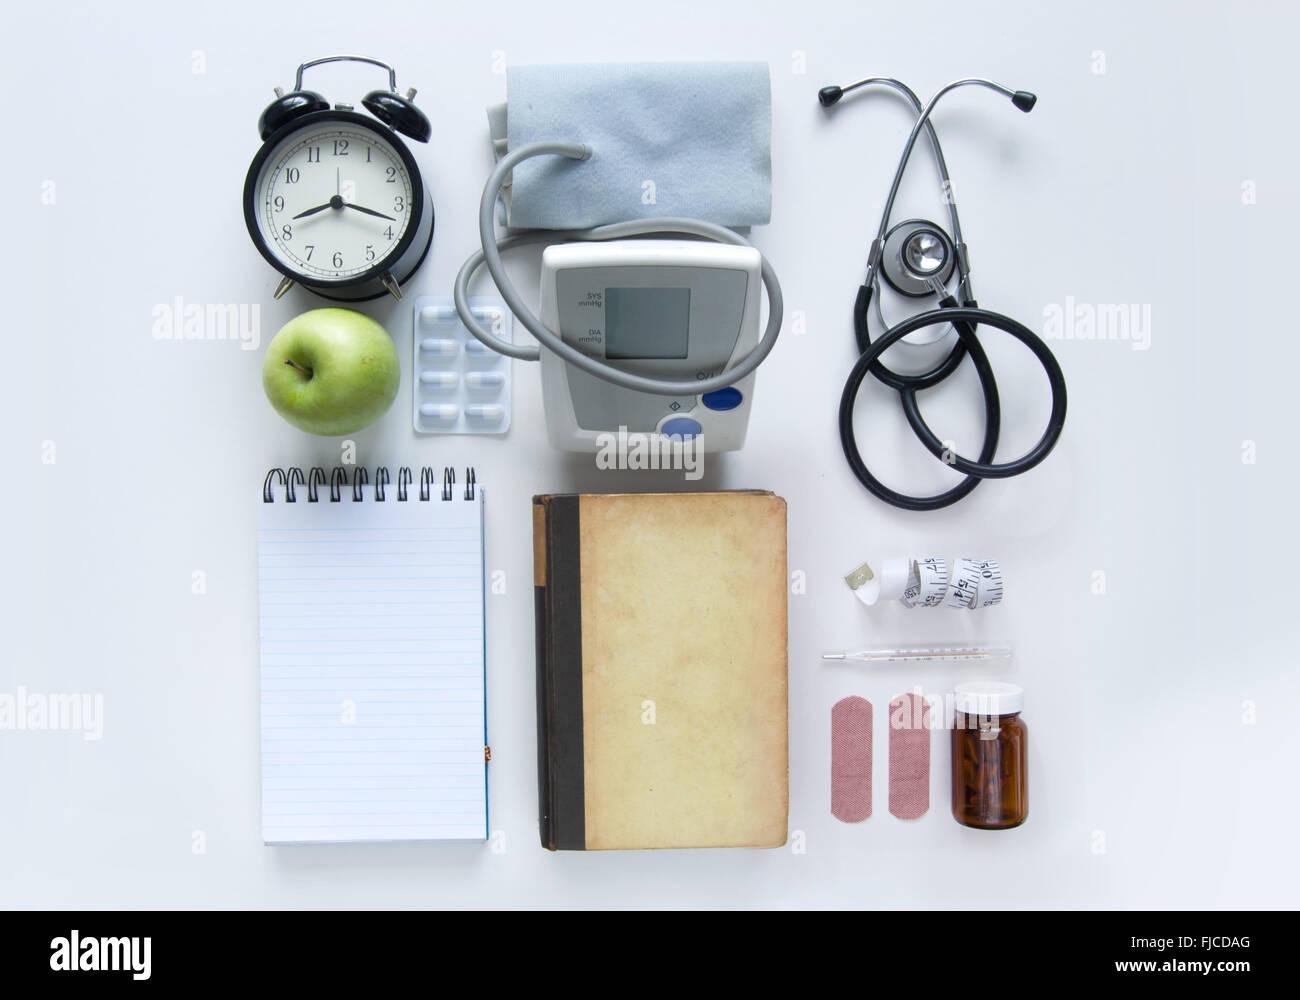 Objets médicaux disposés sur un tableau blanc Banque D'Images